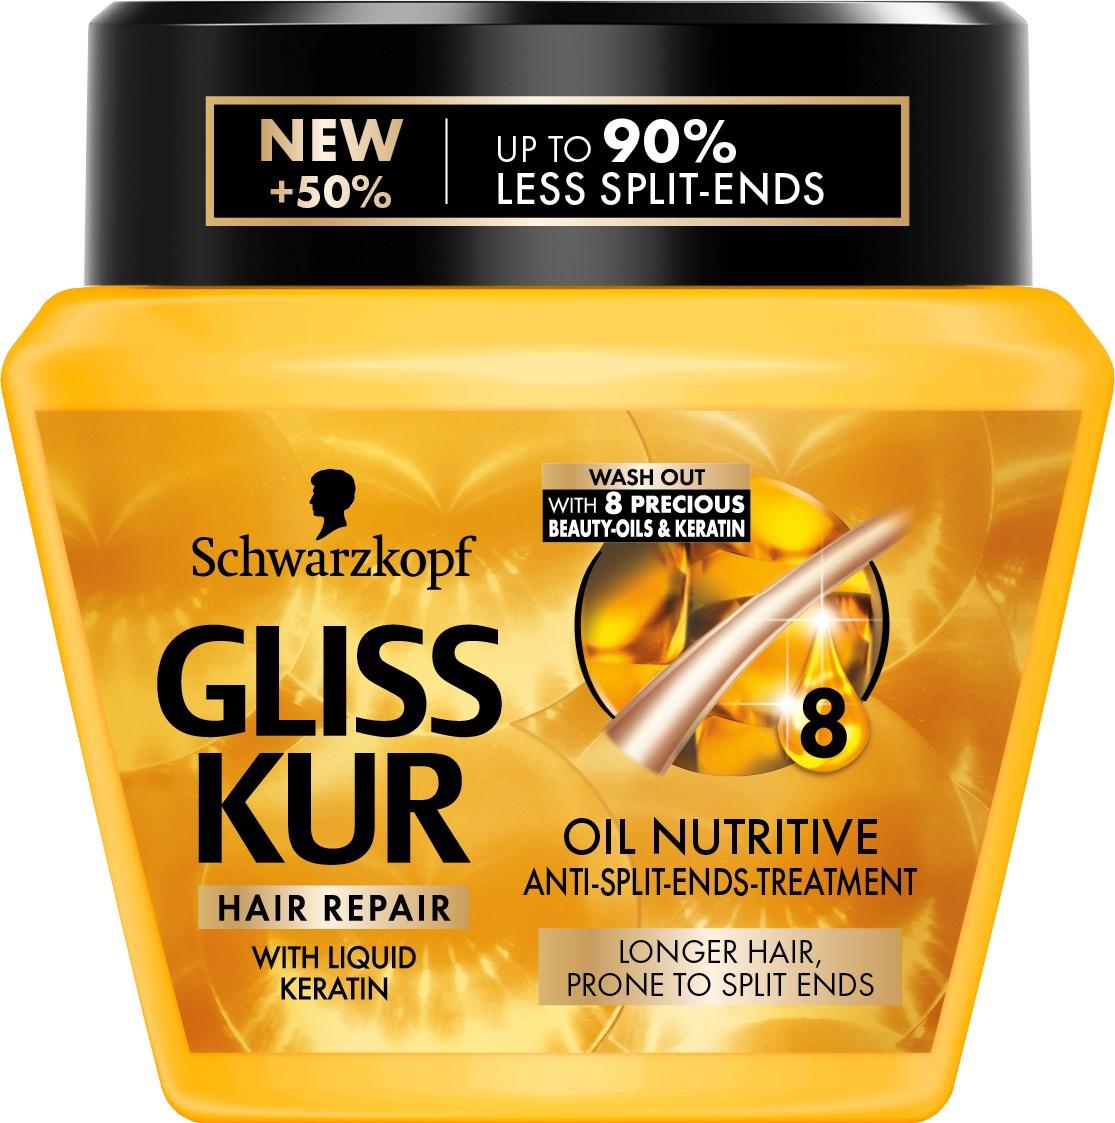 Gliss Kur maska oil nutritive 1x300 ml